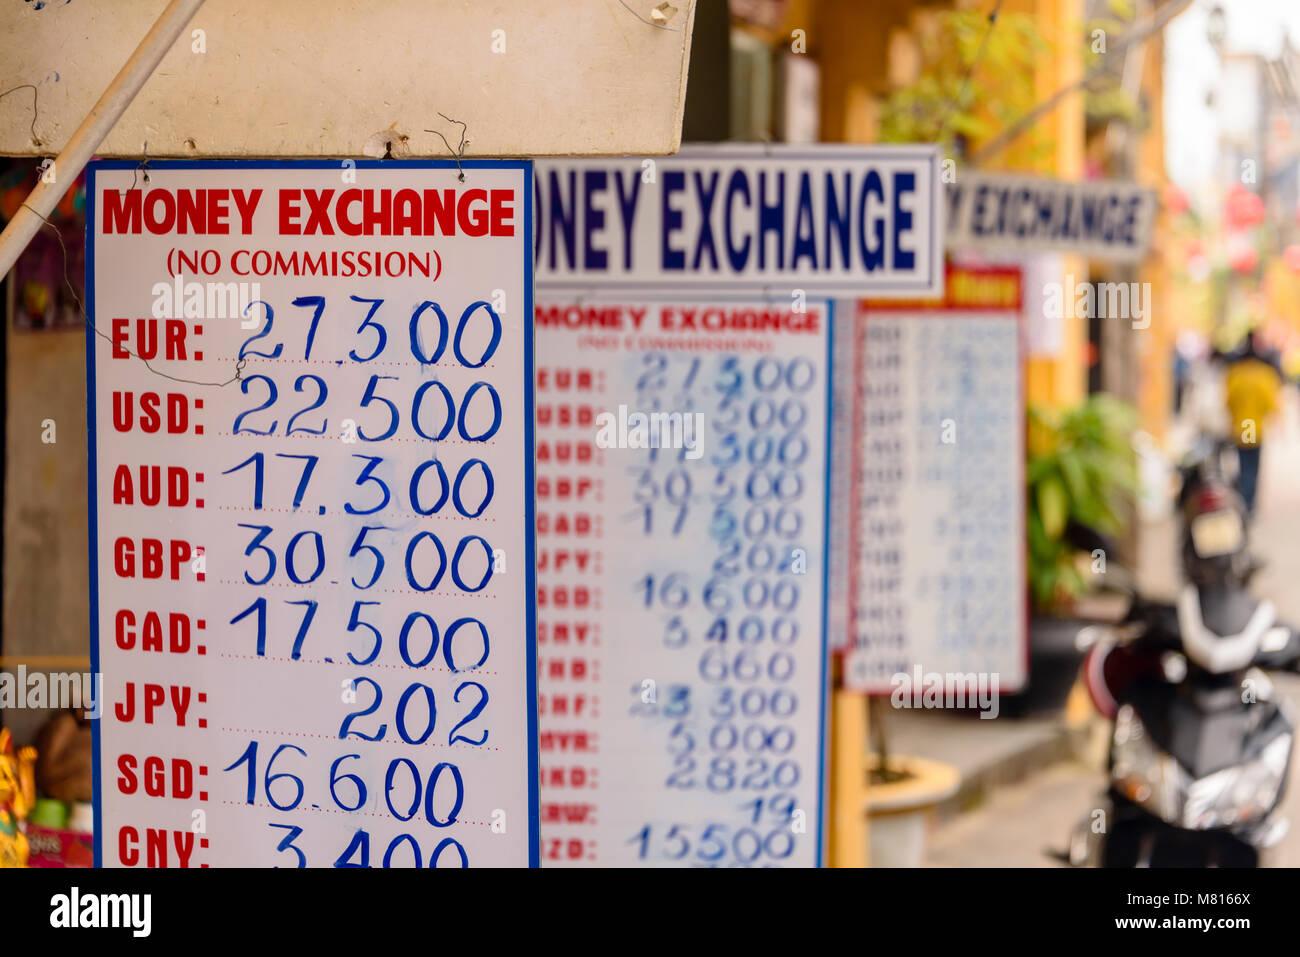 Bureau de change money exchange stock photos & bureau de change